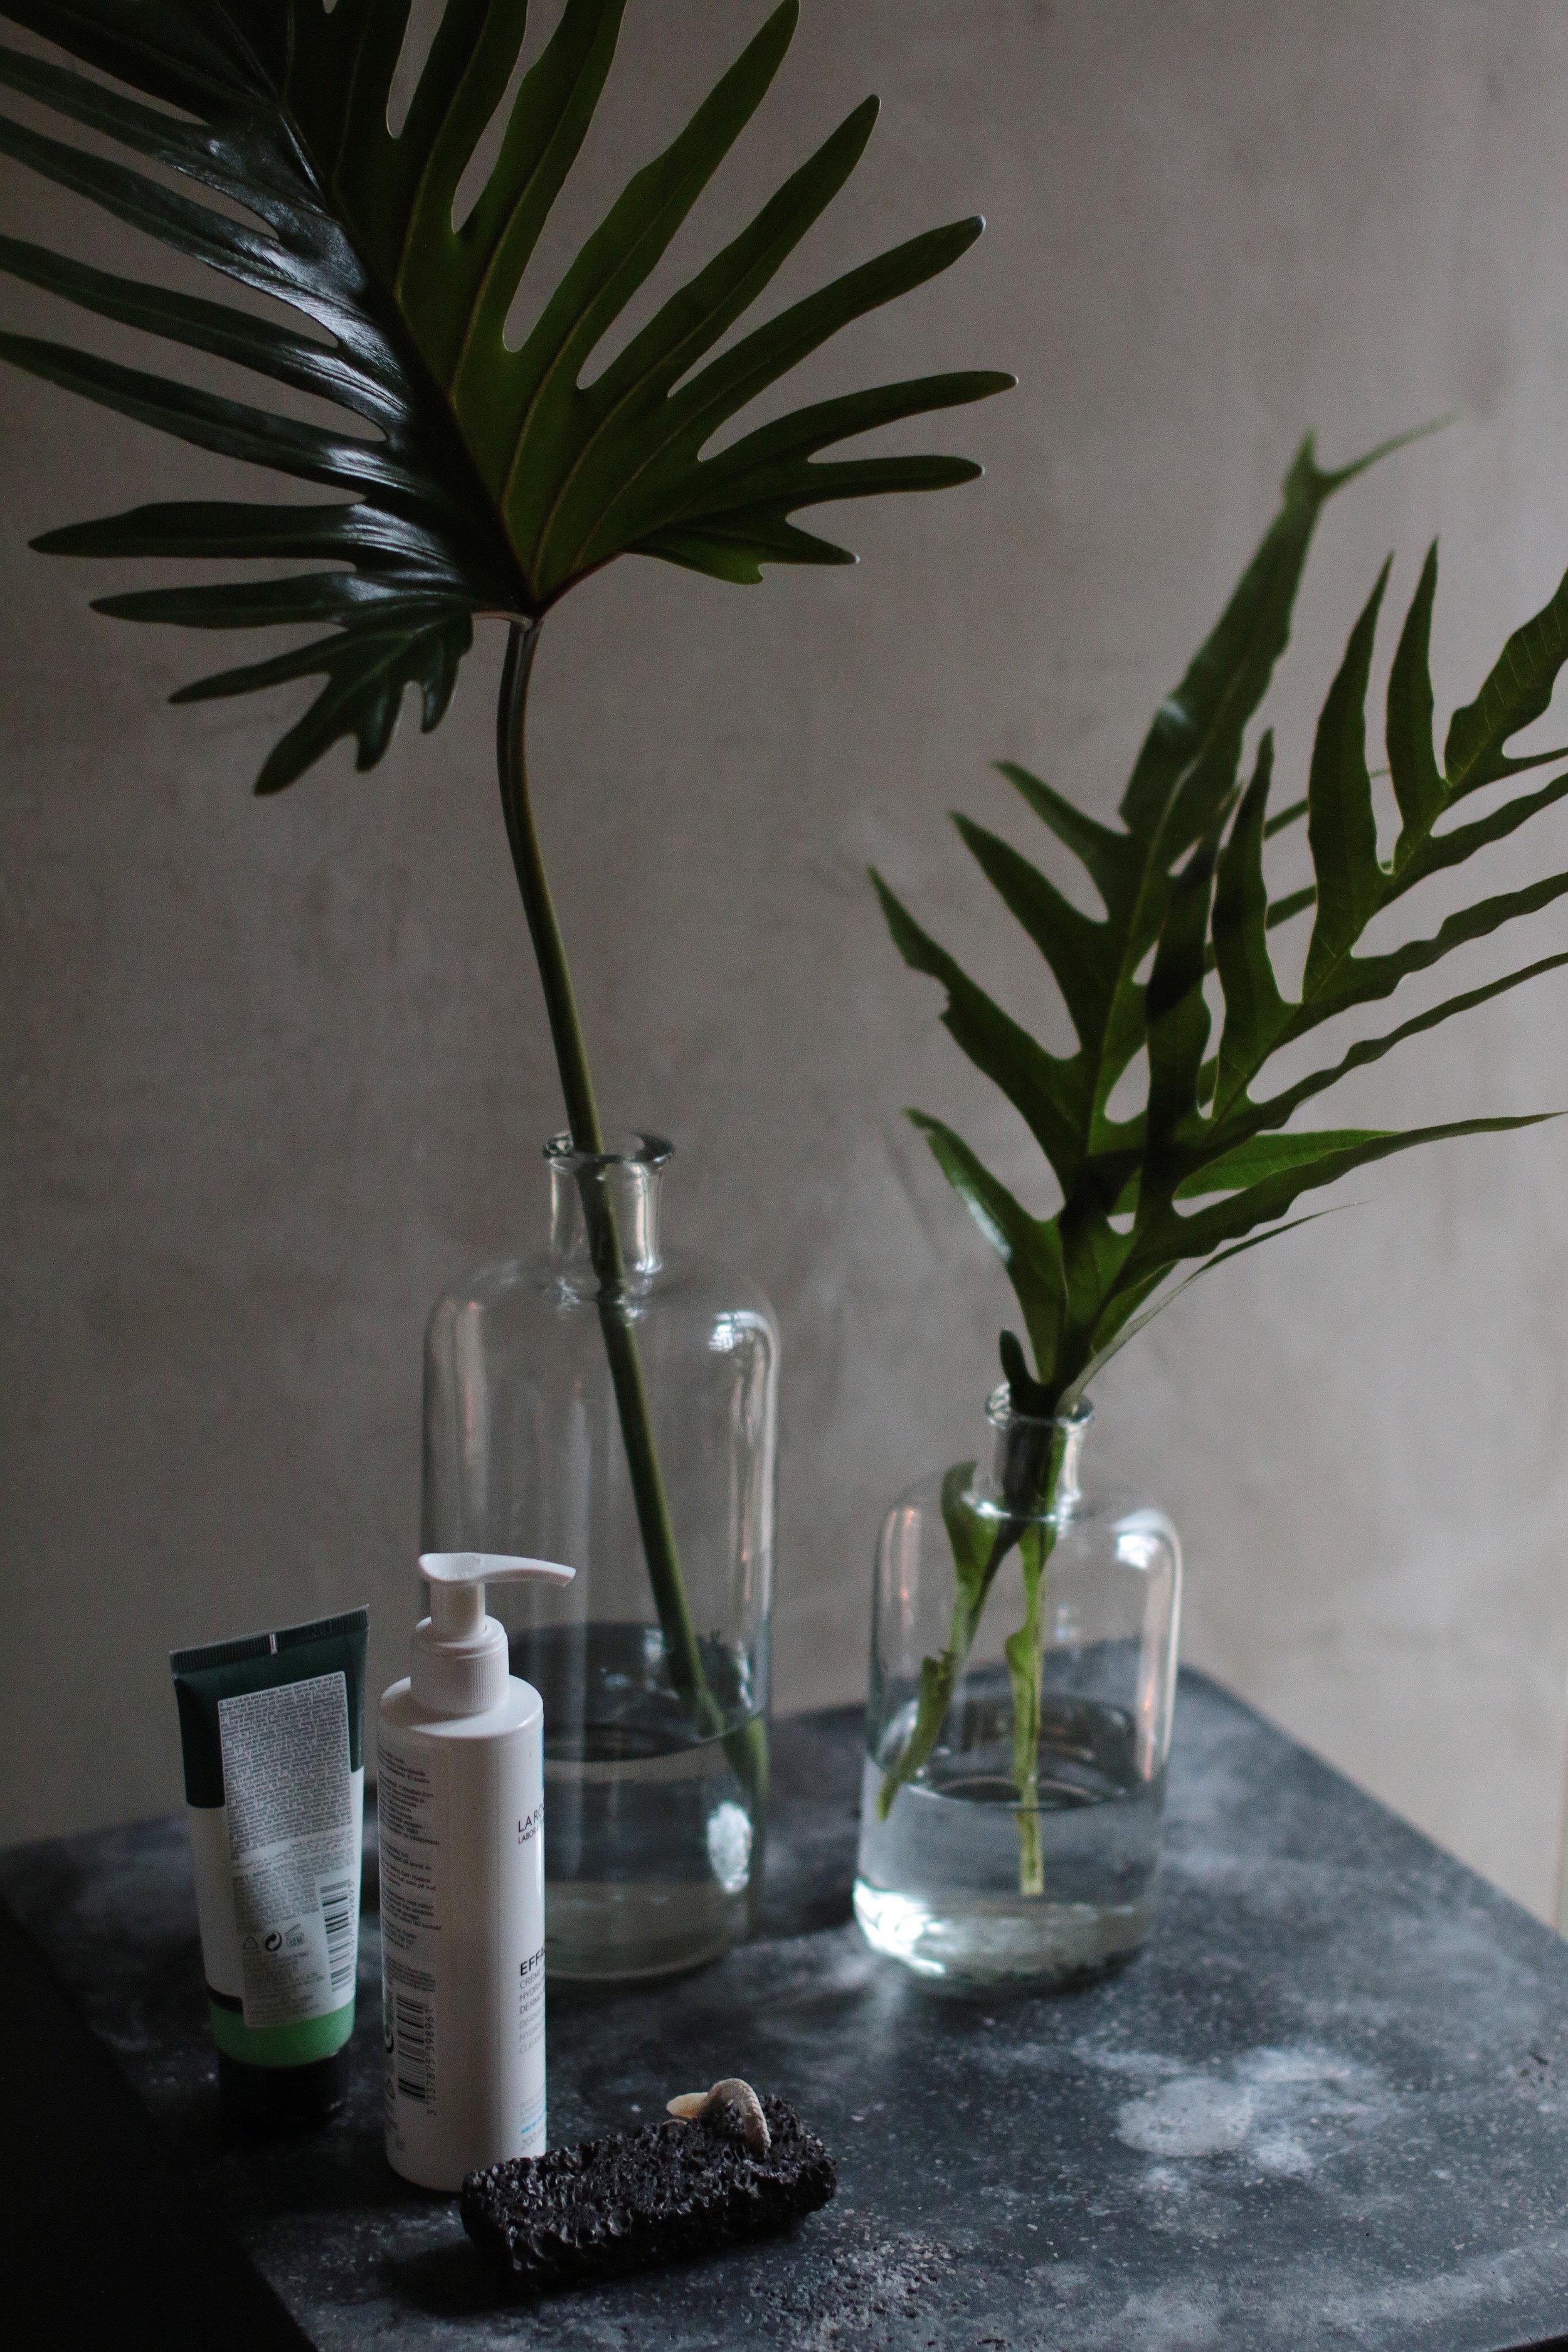 lasiastiat, selkeät lehdet, ideoita kylpyhuoneeseen, inspiraatio pimeisiin tioihin, huonekasvien vihreyttä